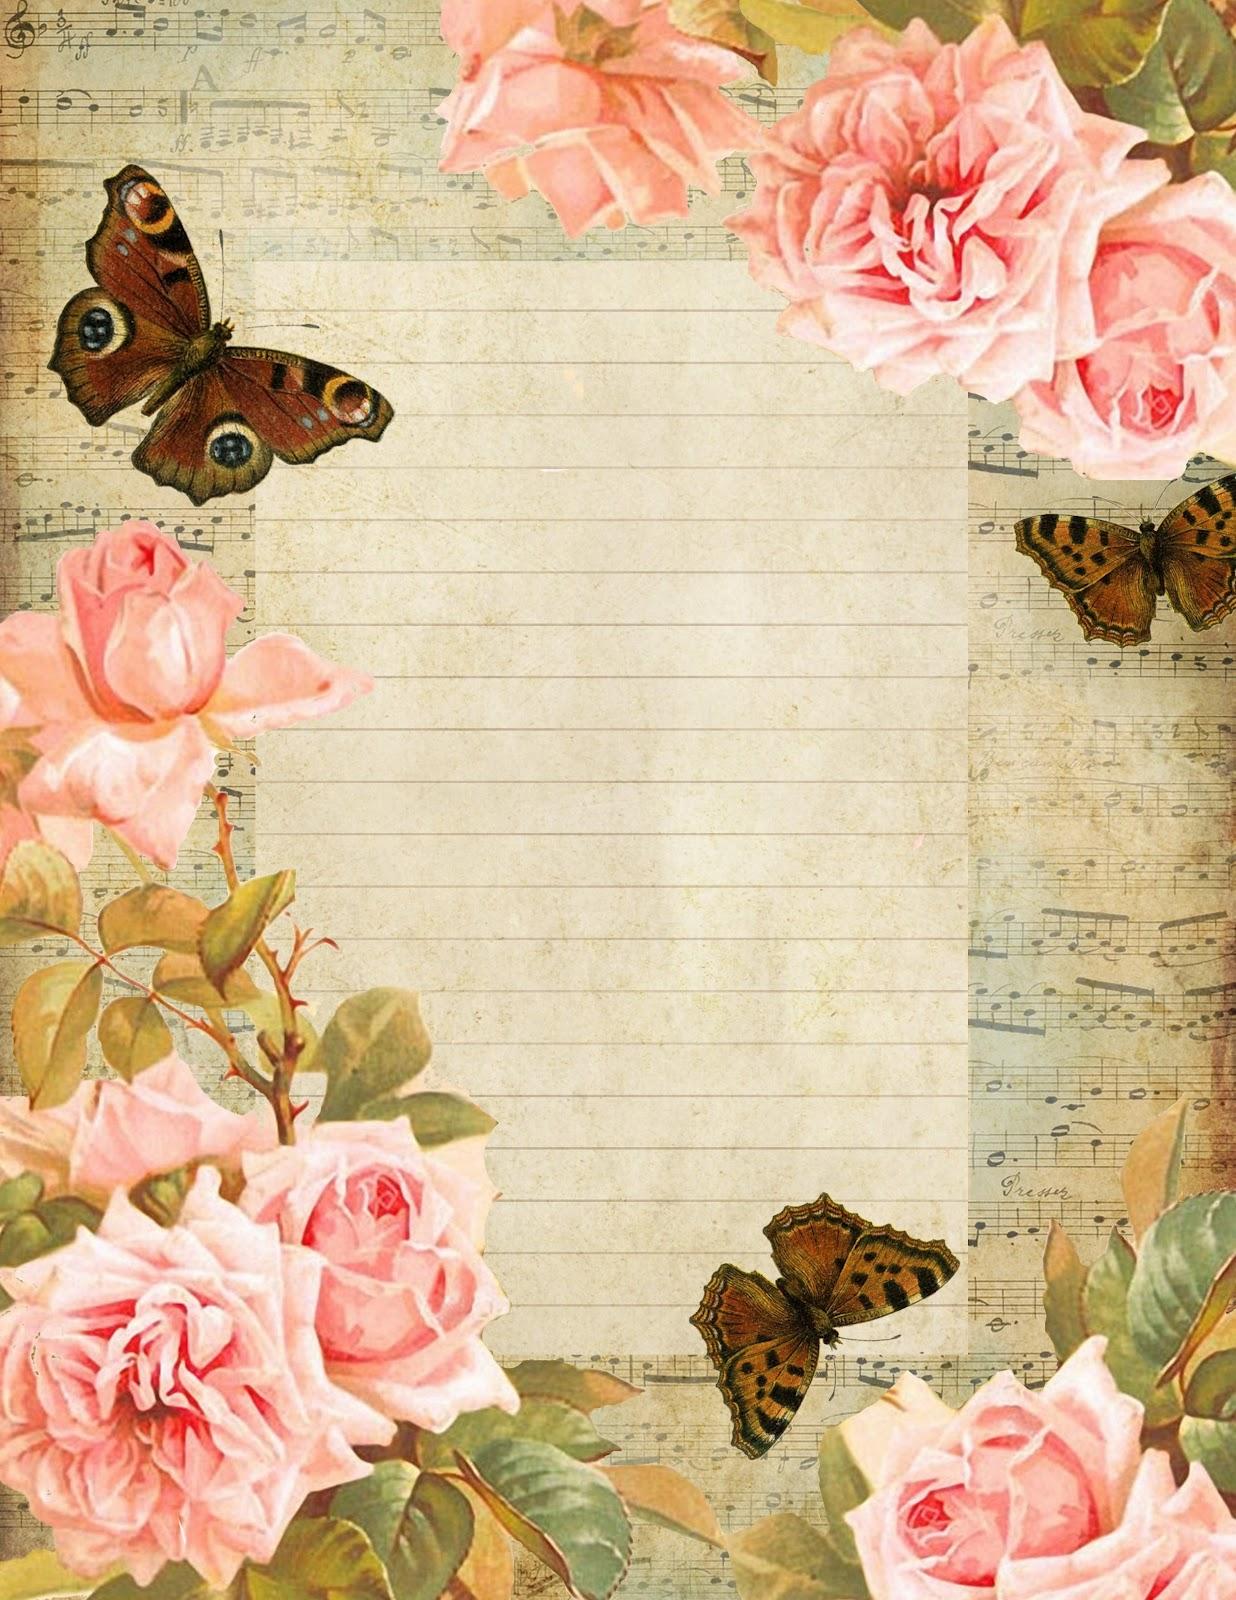 Рисунки для открыток скрапбукинга, картинки